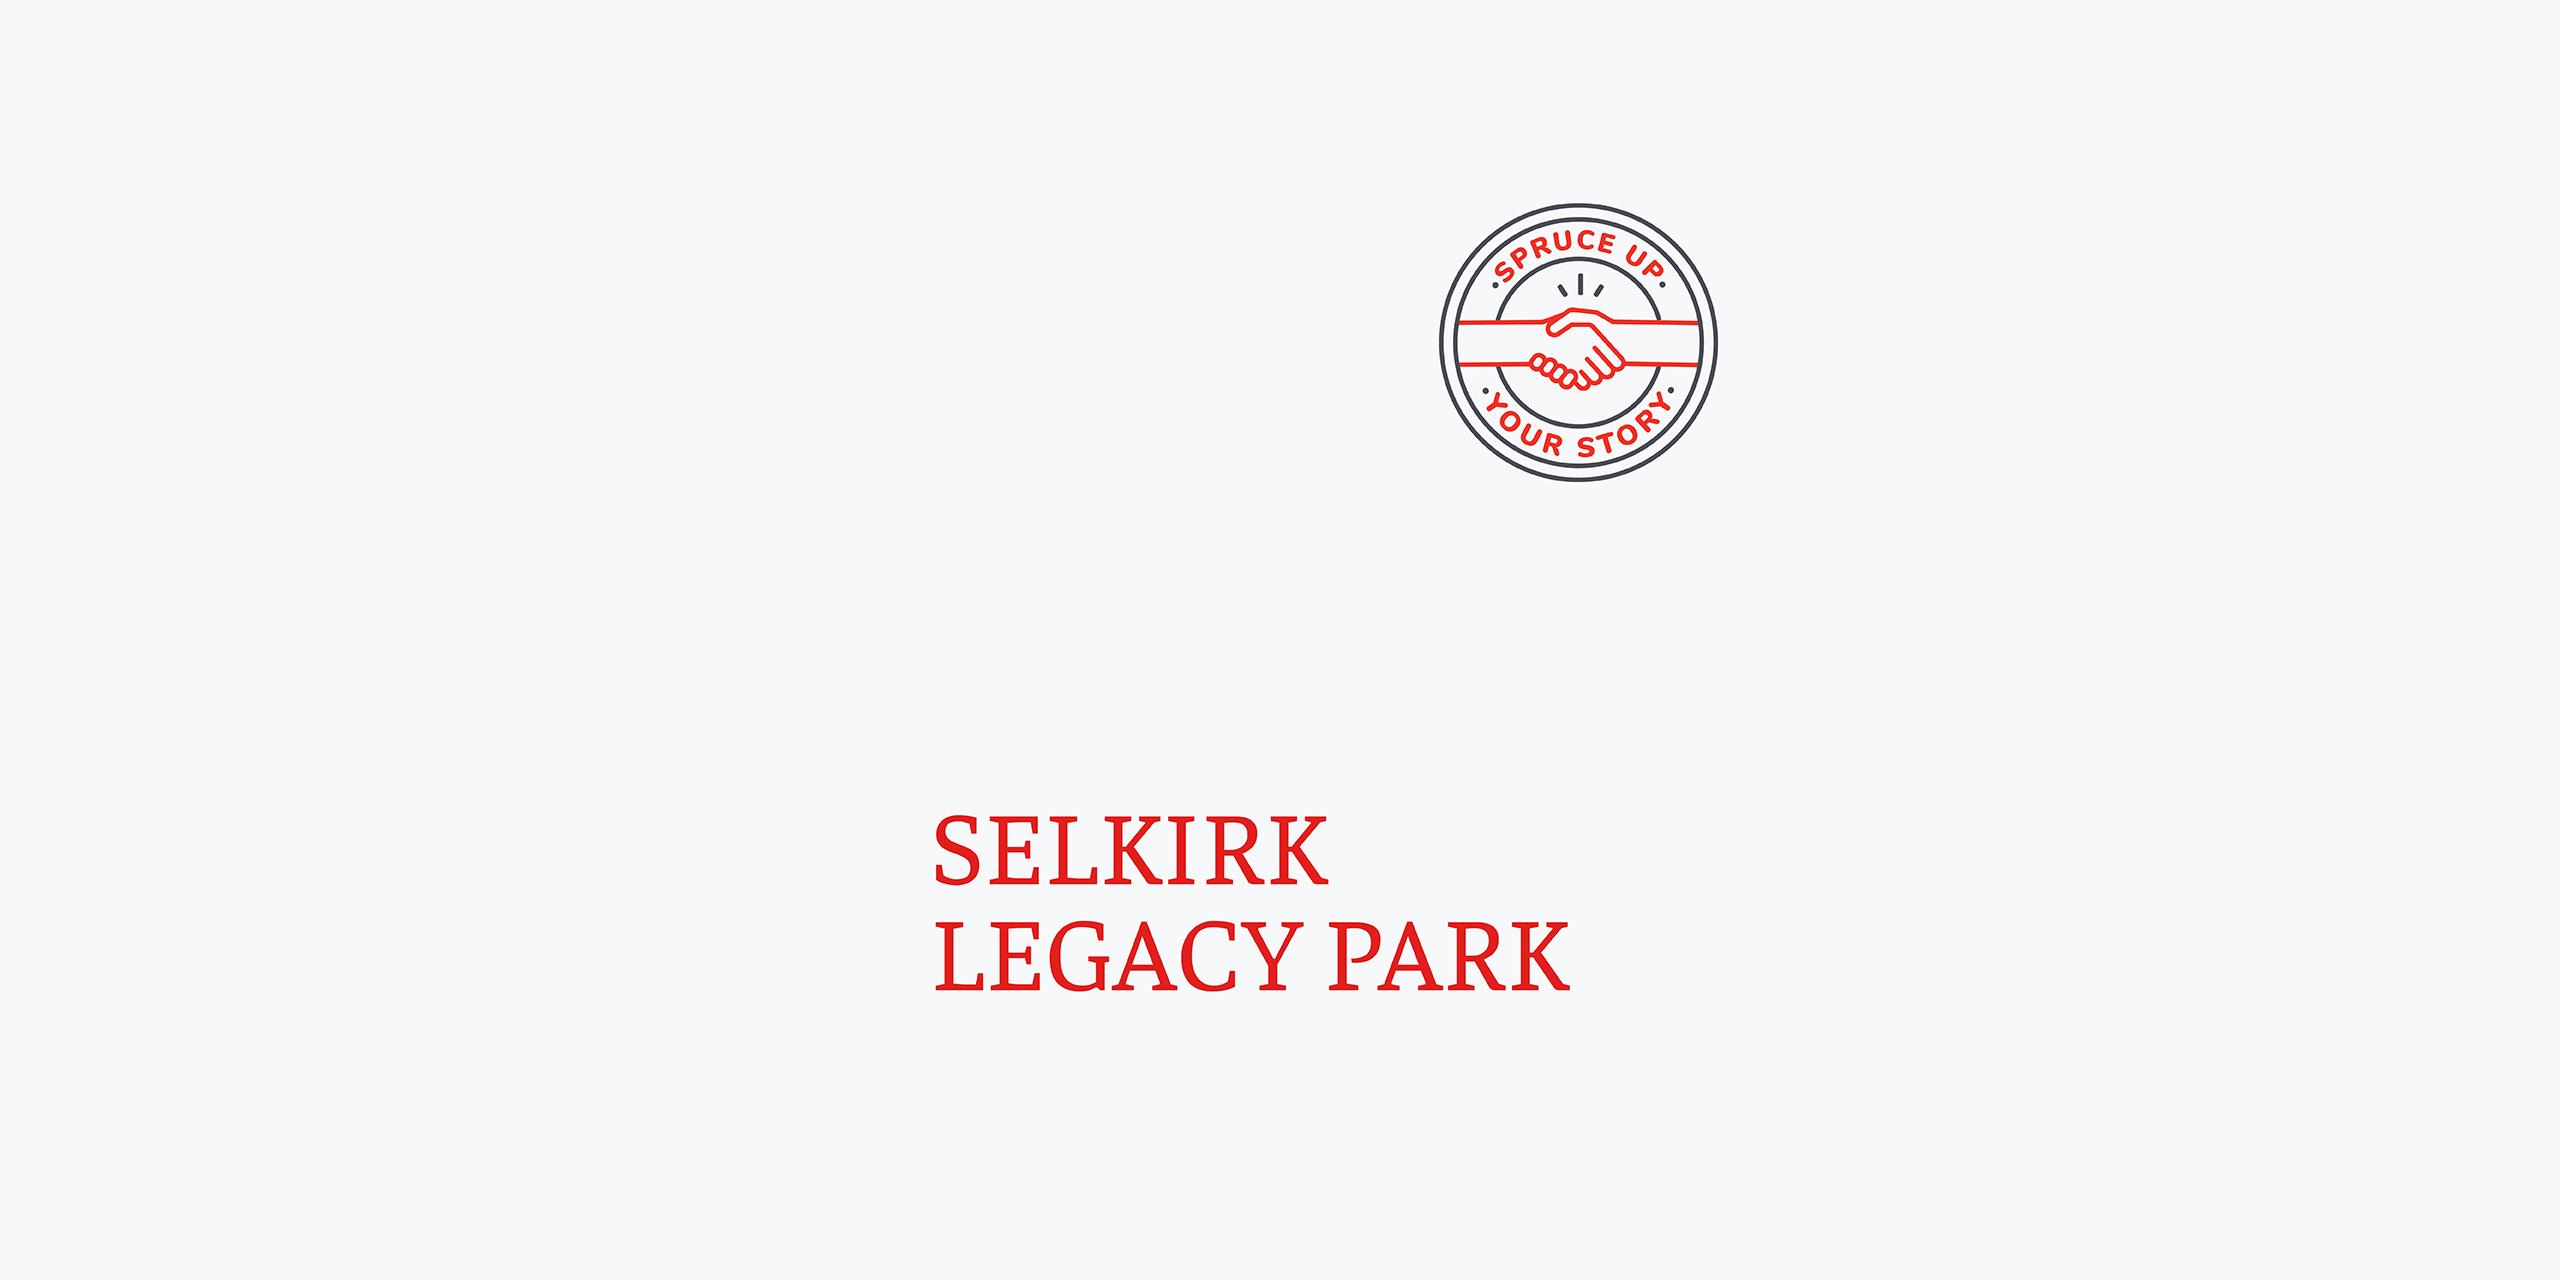 Selkirk Pocket Park: Legacy Park